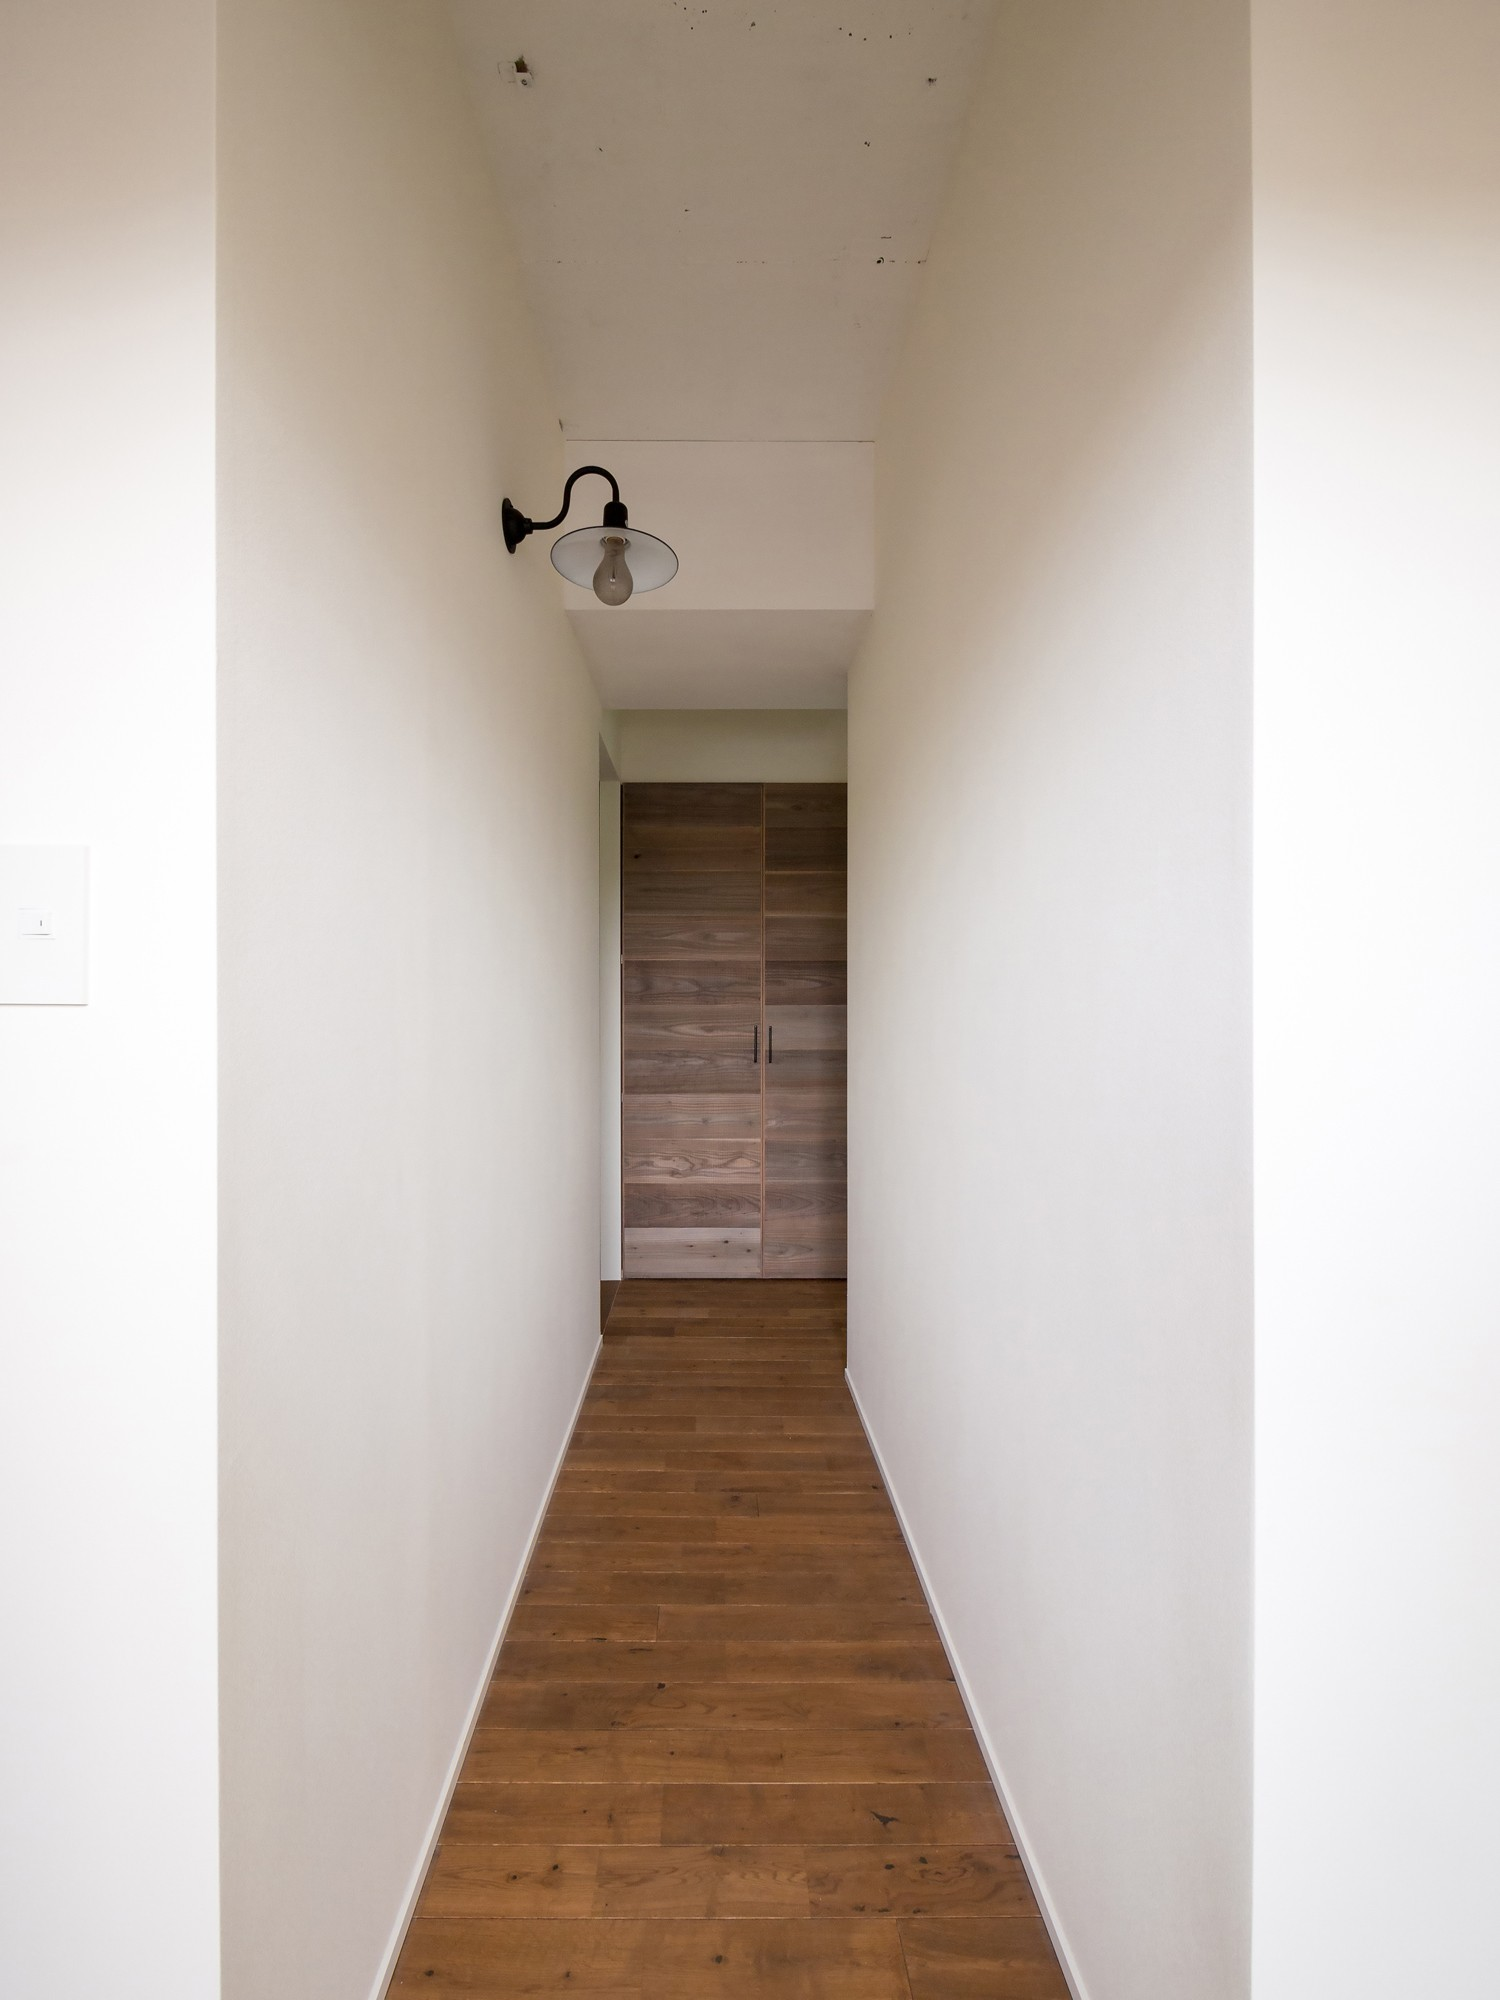 リビングダイニング事例:ストーリーを感じる廊下(素因数の家 すくすくリノベーションvol.11)